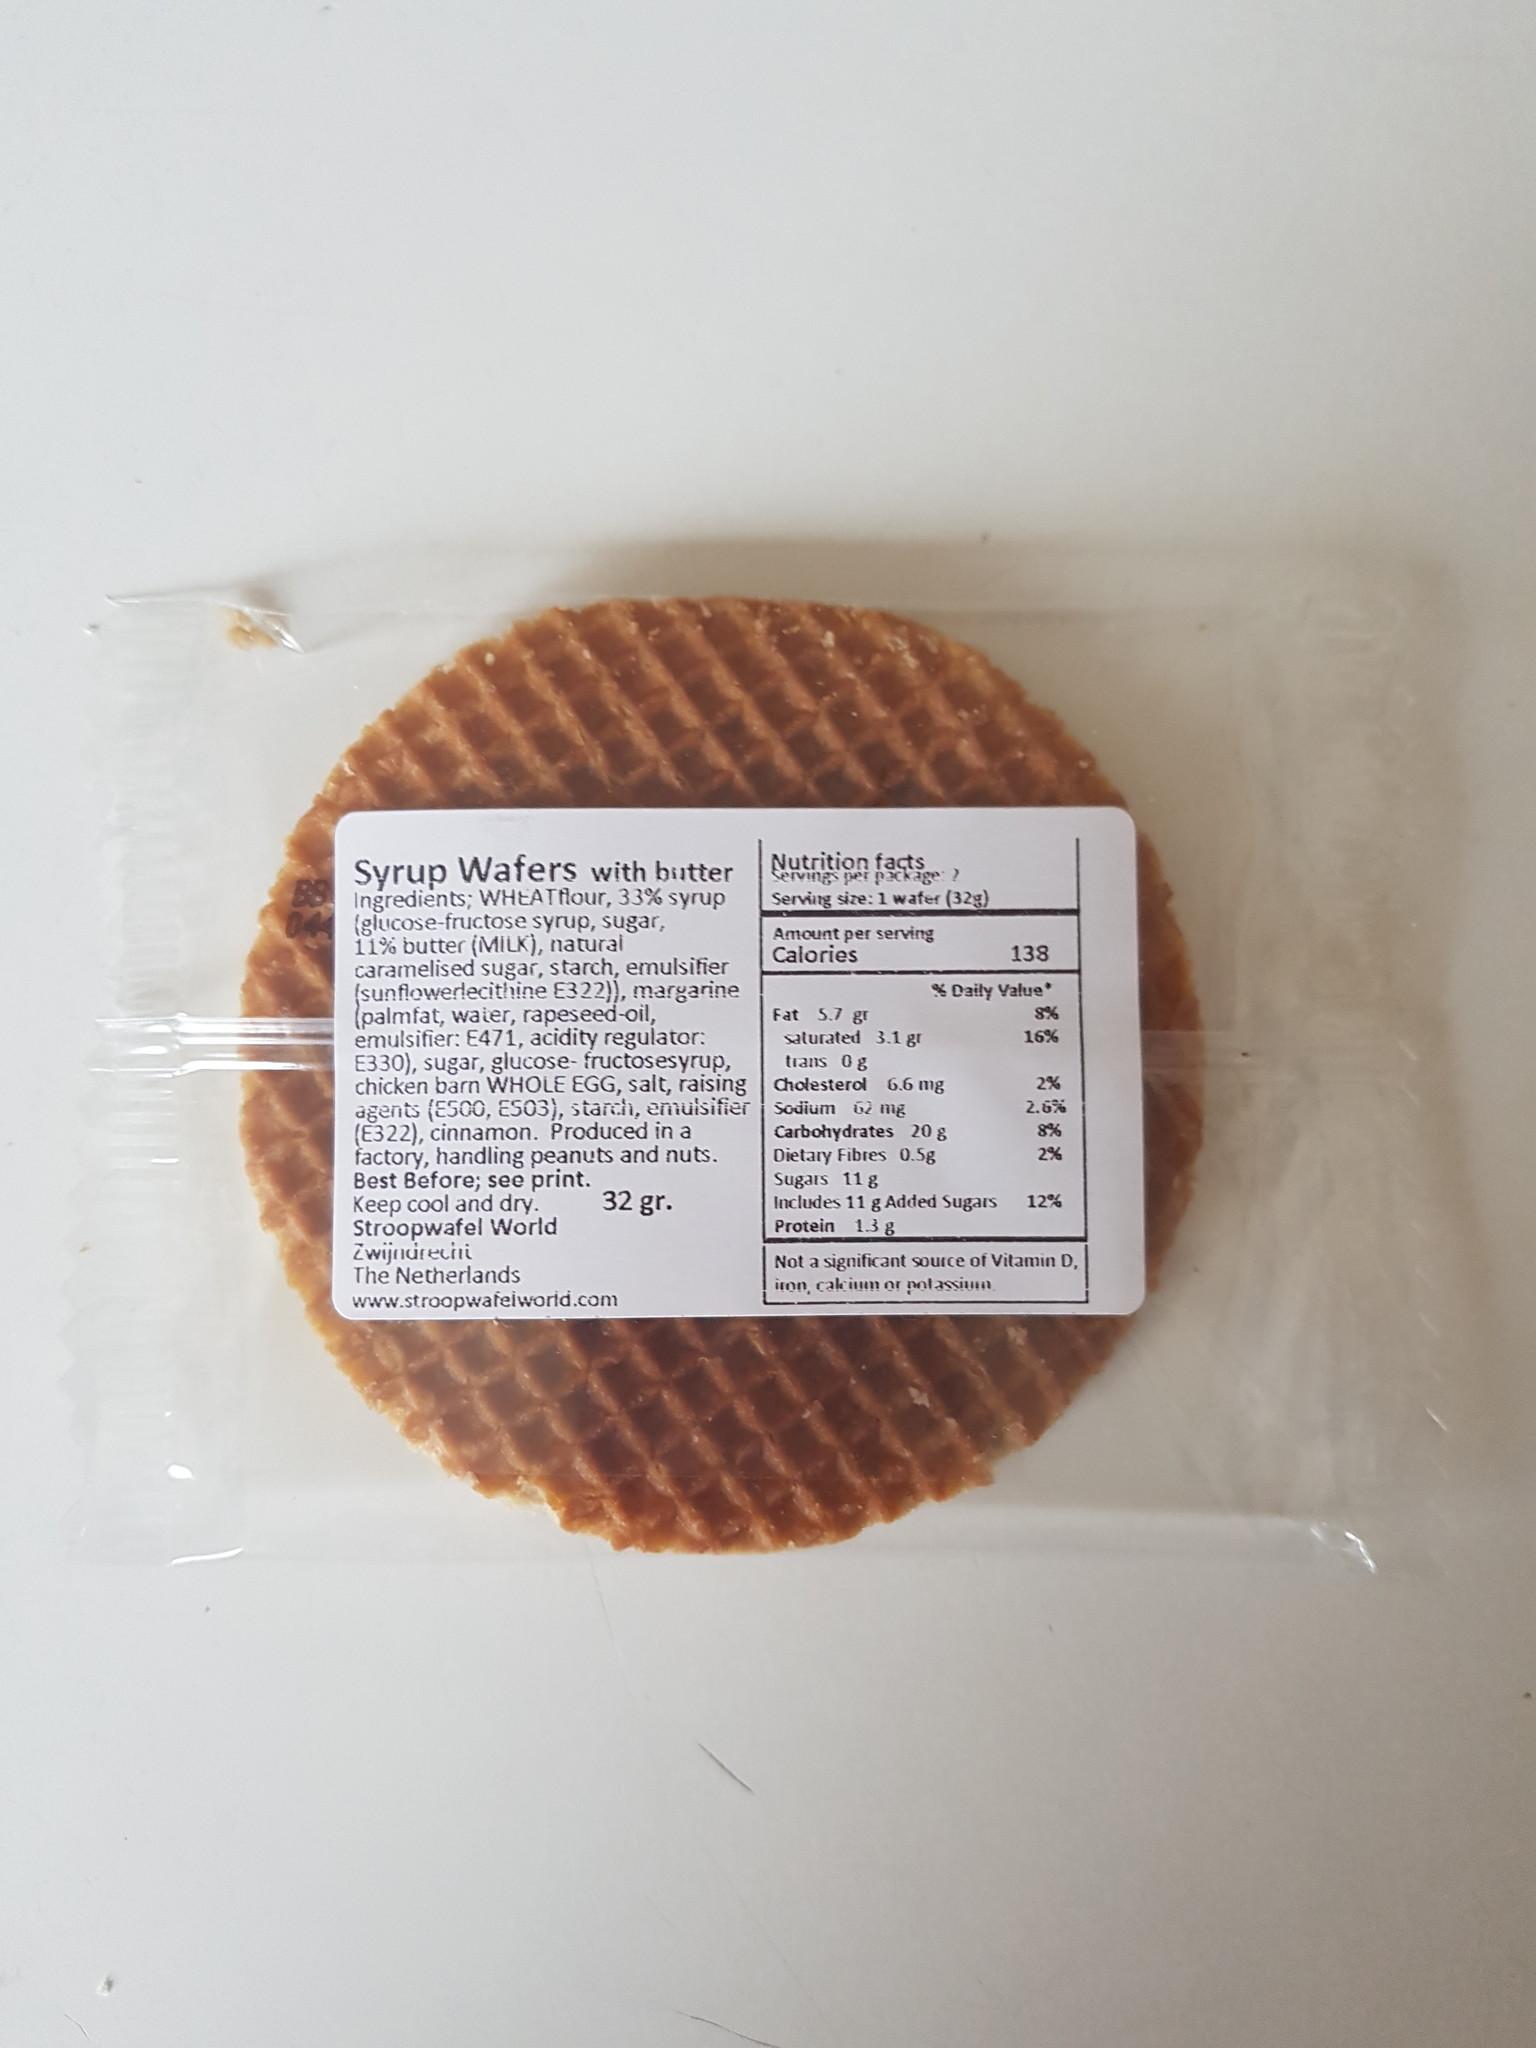 Stroopwafel World Stroopwafel World - los verpakte stroopwafel